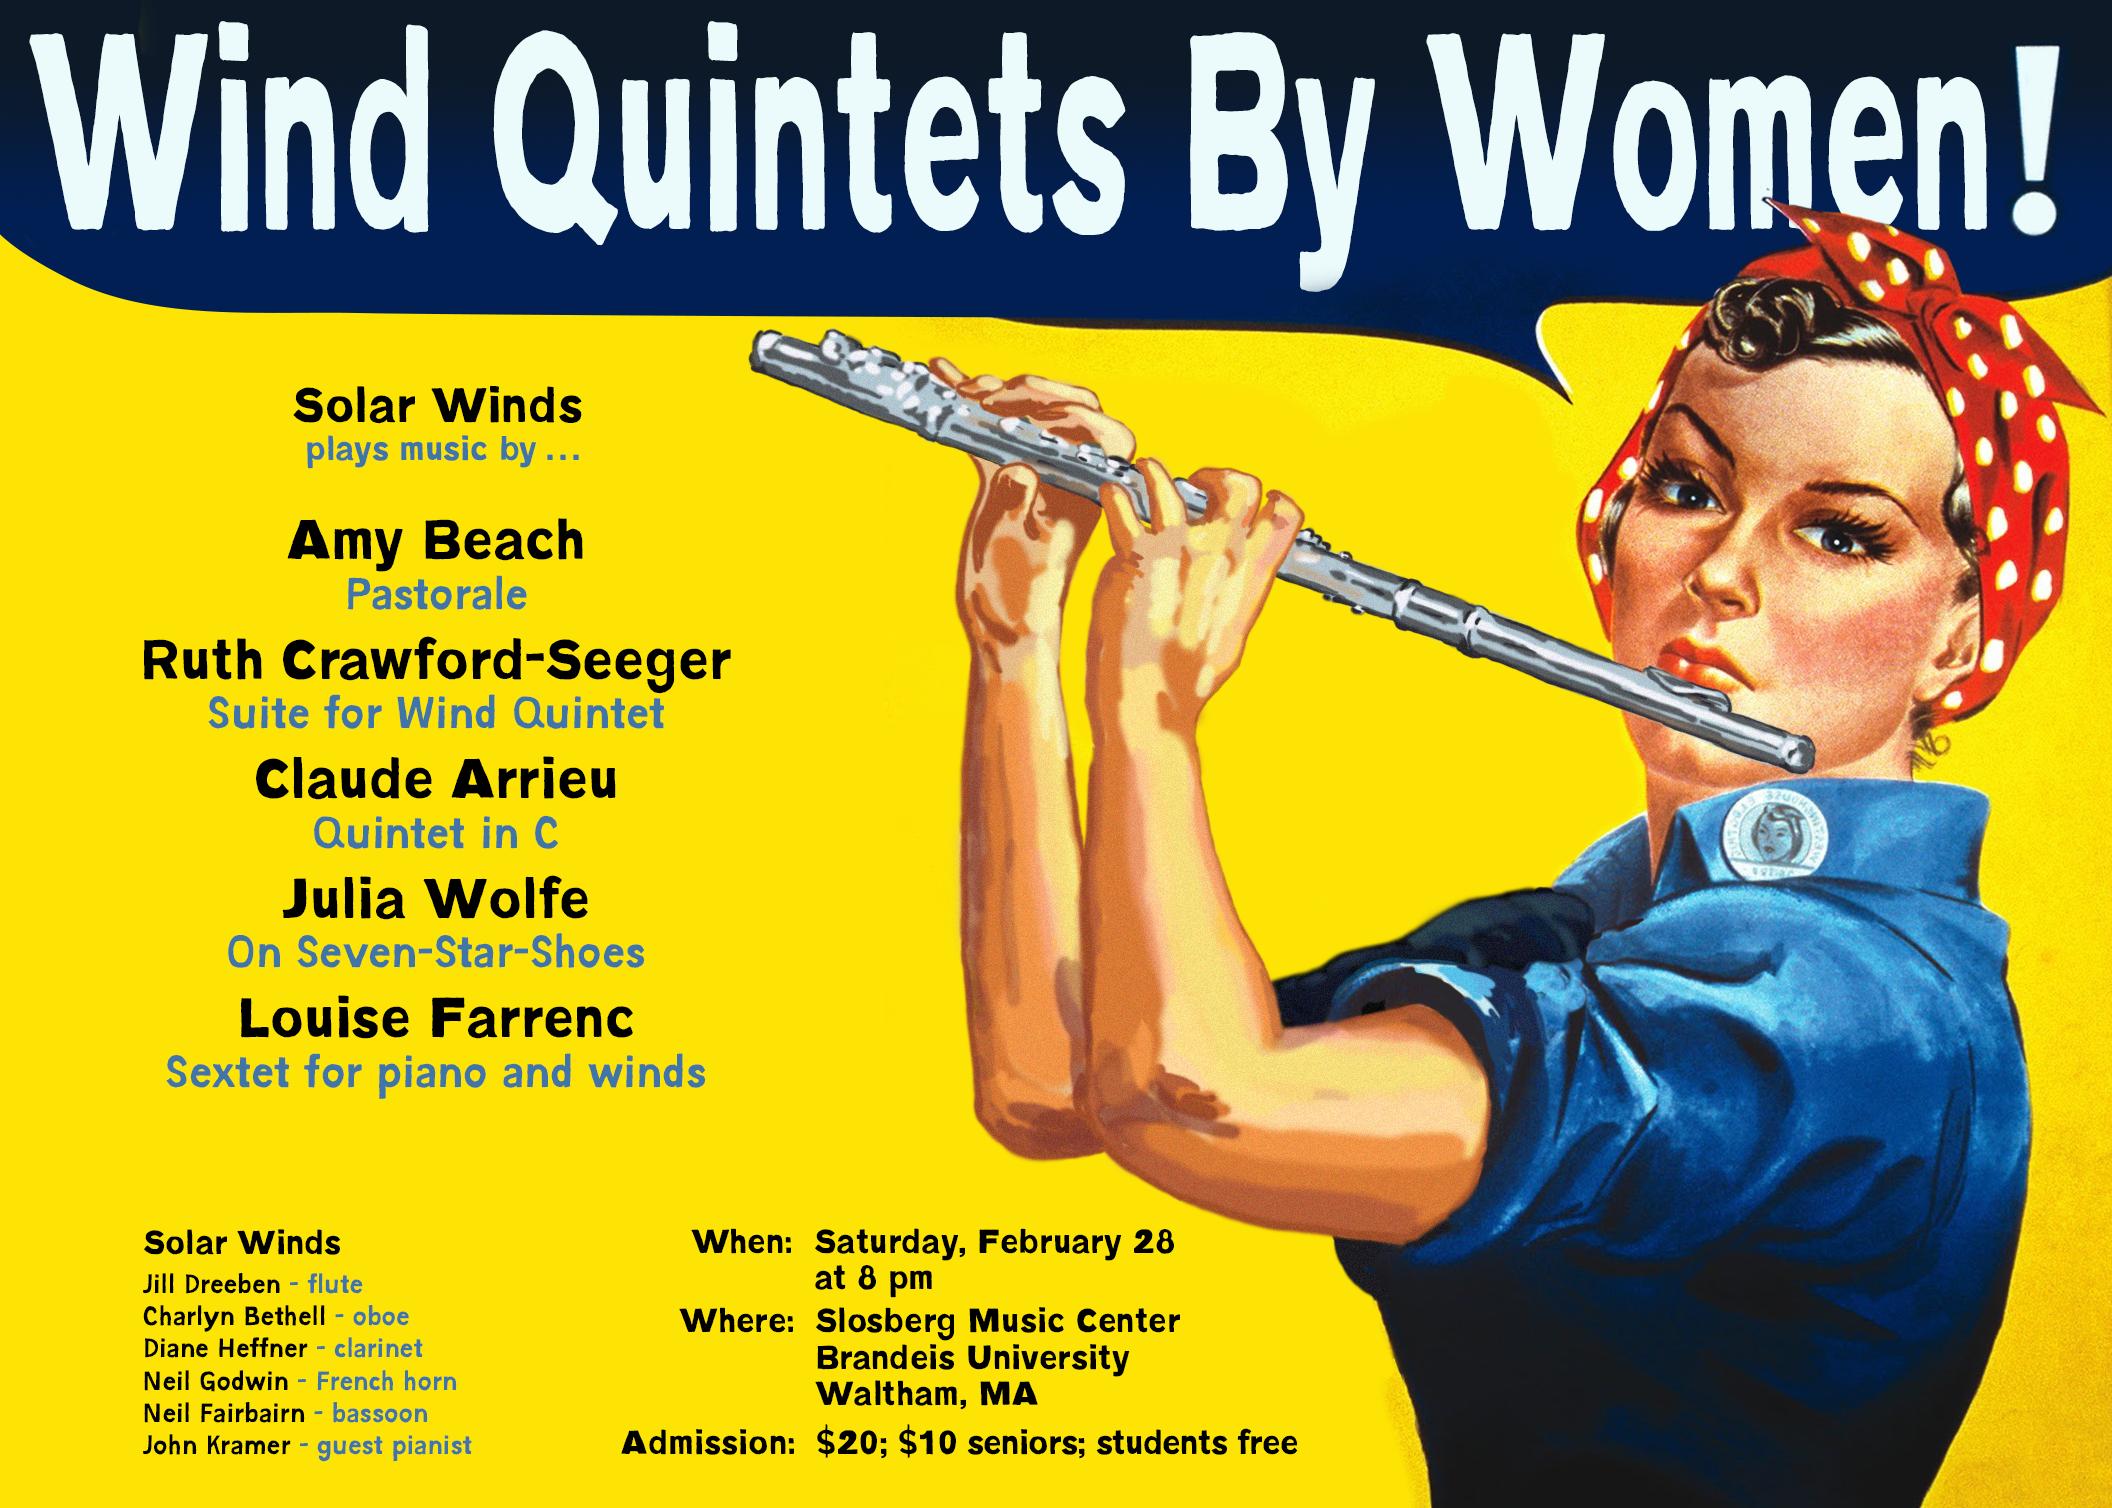 WindQuintetsByWomen2-2